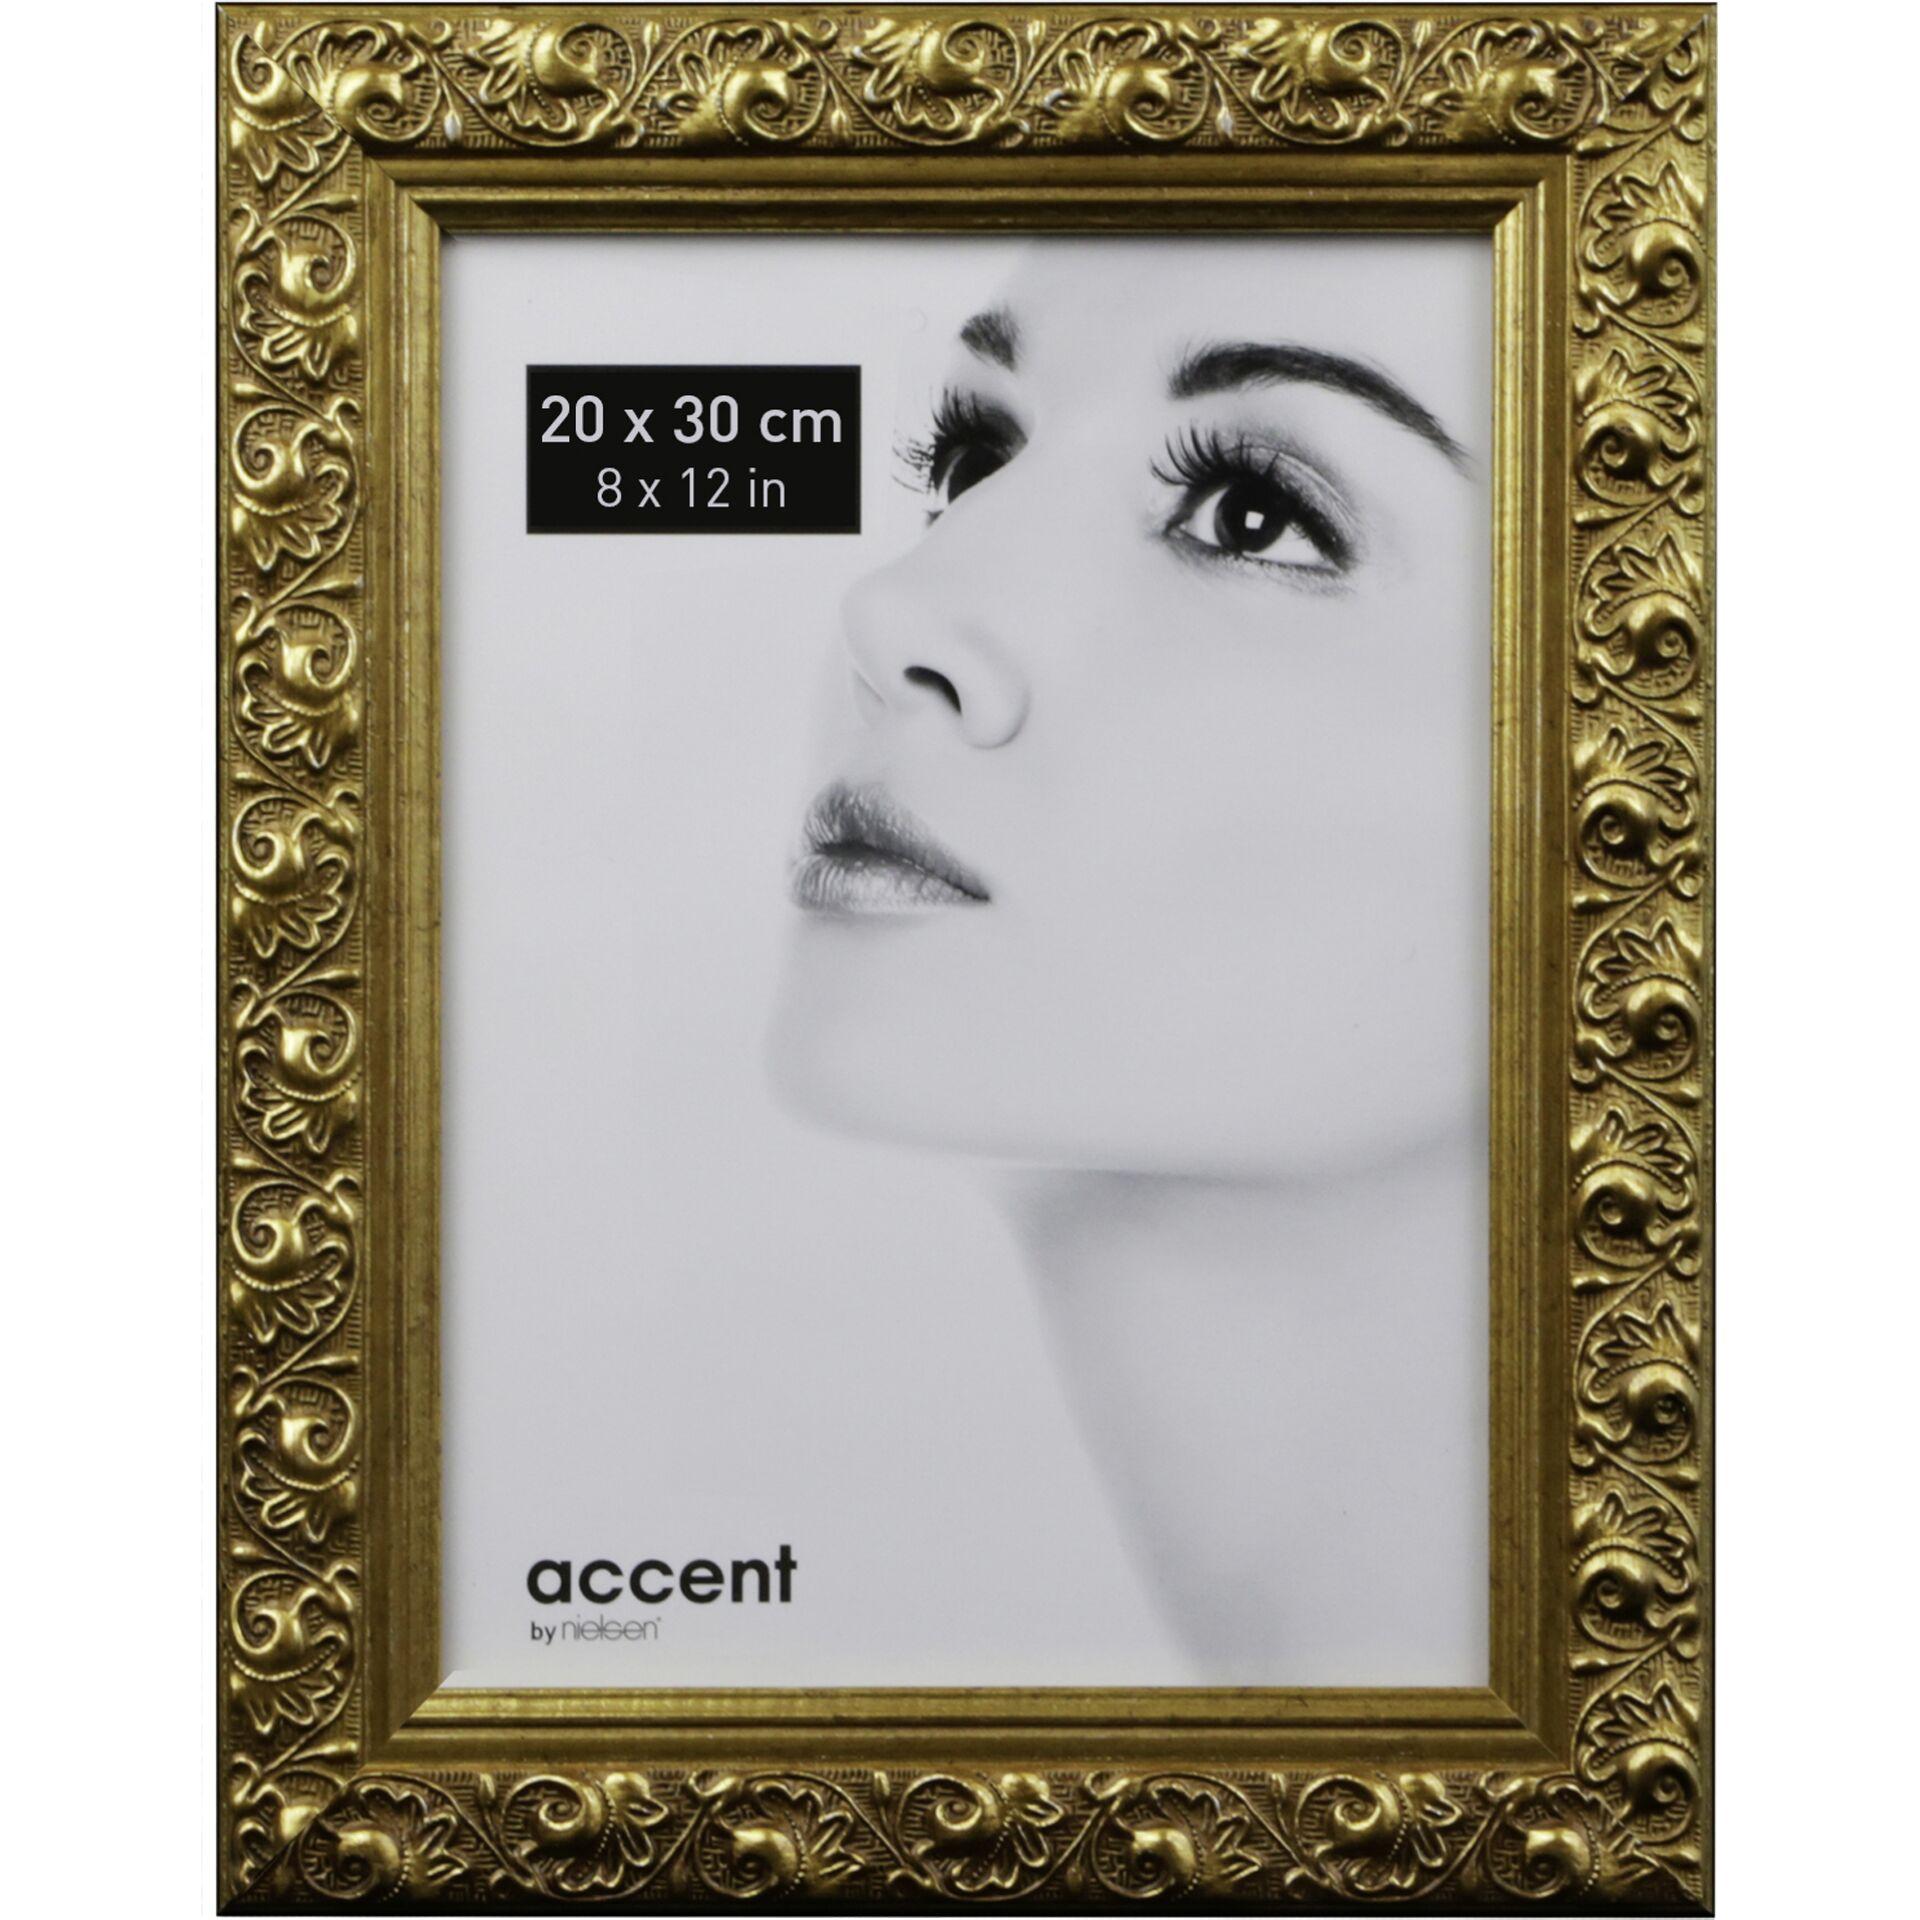 Nielsen Arabesque          20x30 Holz Portrait gold       8535004